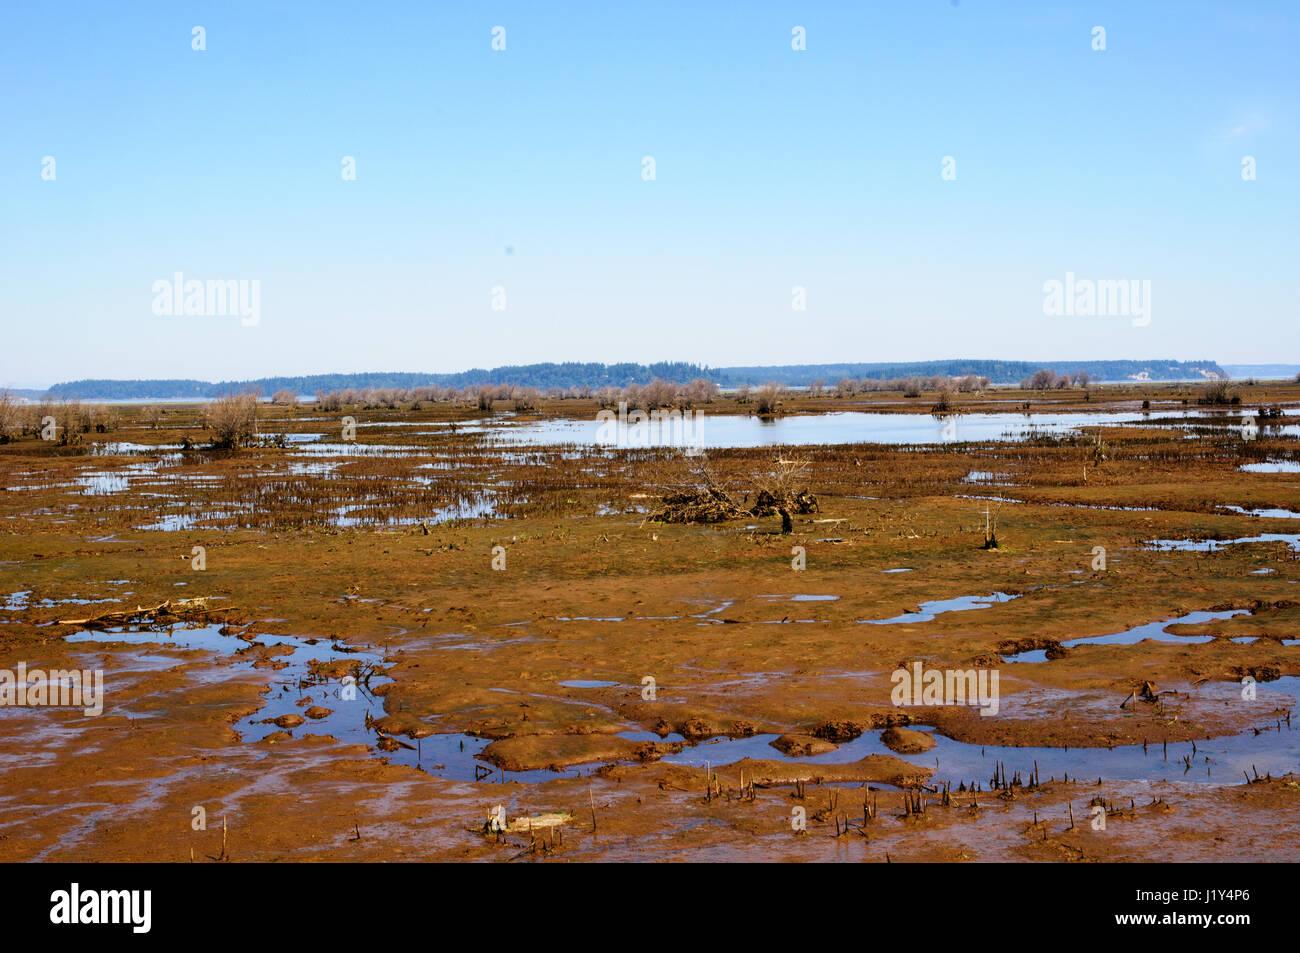 Mudflats, Nisqually National Wildlife refuge, Washington, USA - Stock Image